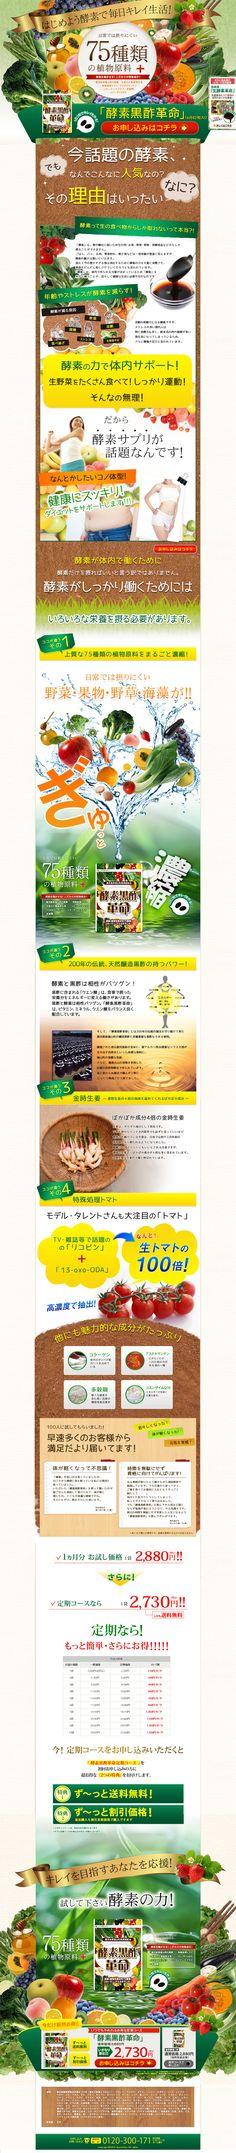 酵素黒酢革命【健康・美容食品関連】のLPデザイン。WEBデザイナーさん必見!ランディングページのデザイン参考に(にぎやか系)